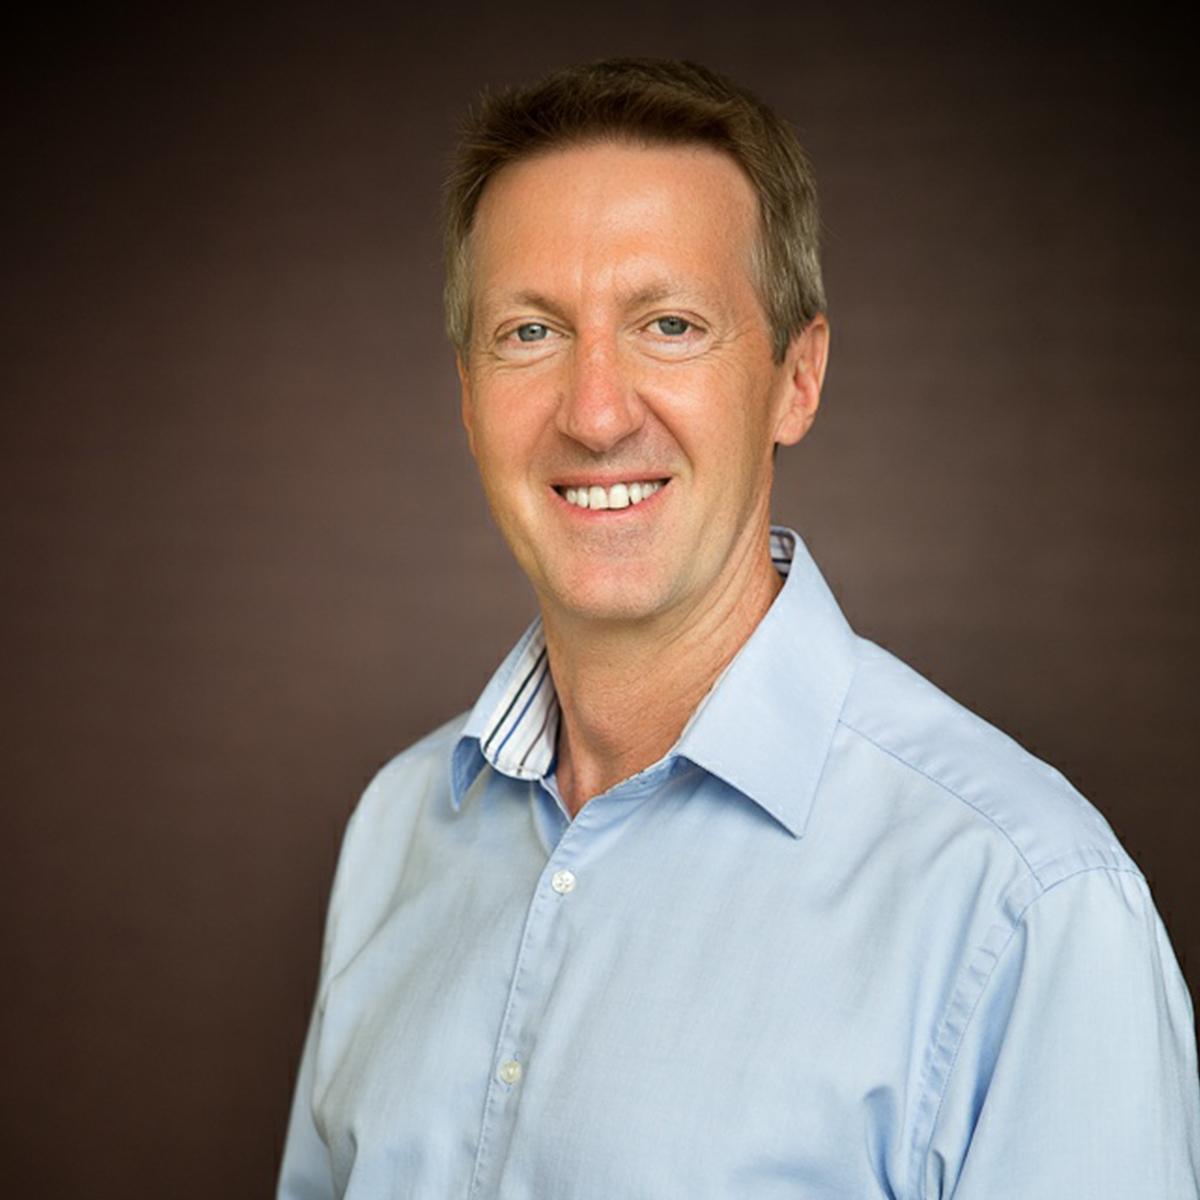 Keith Mawdsley